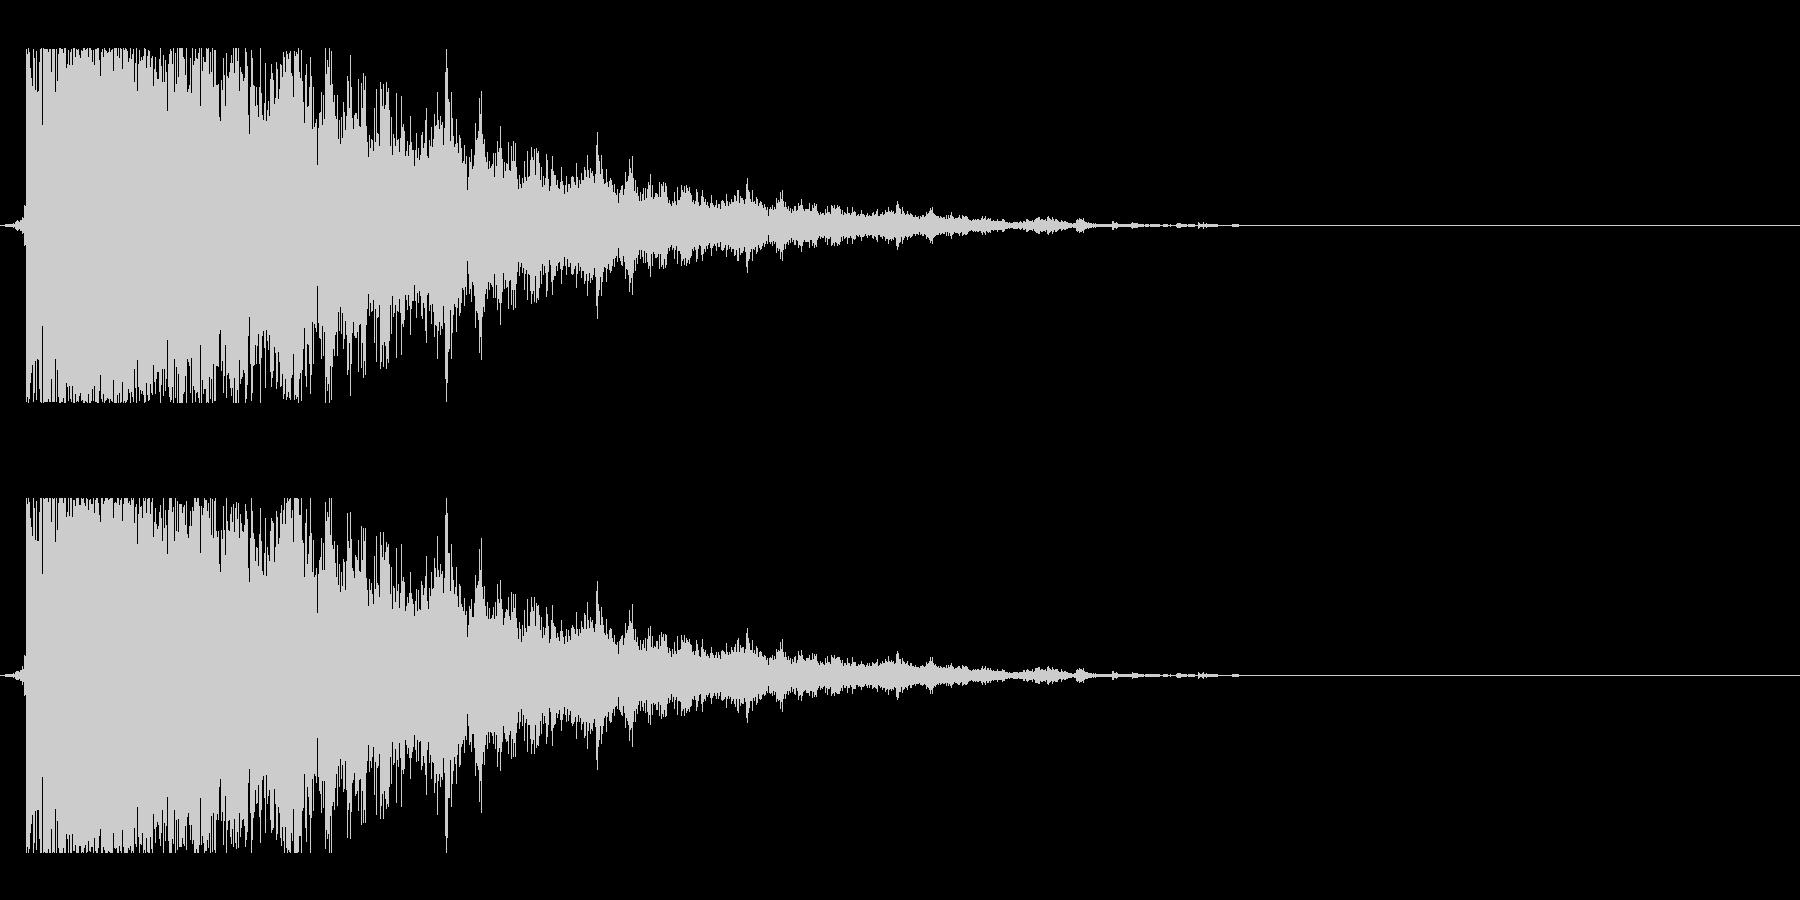 ガラス割れ02(響かせるような音)の未再生の波形